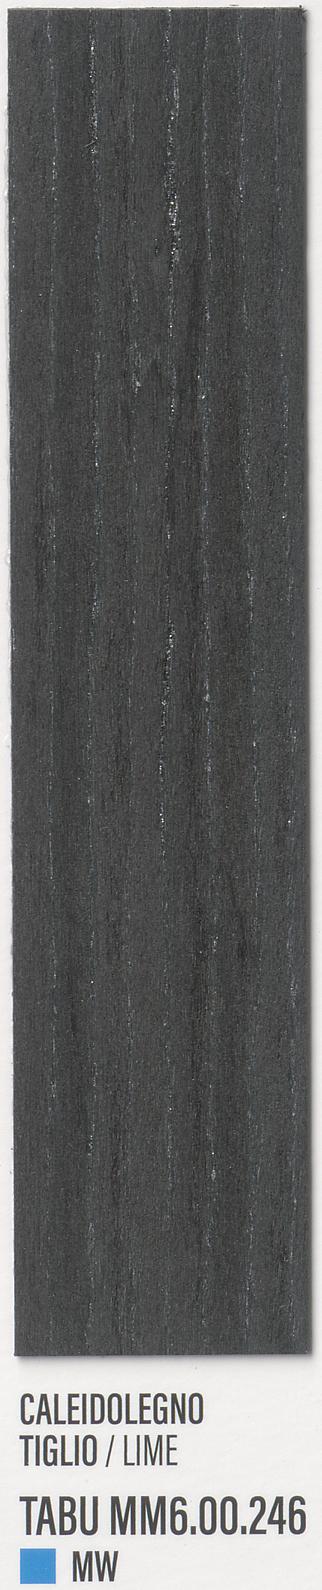 B84-(300dpi)(20181031)